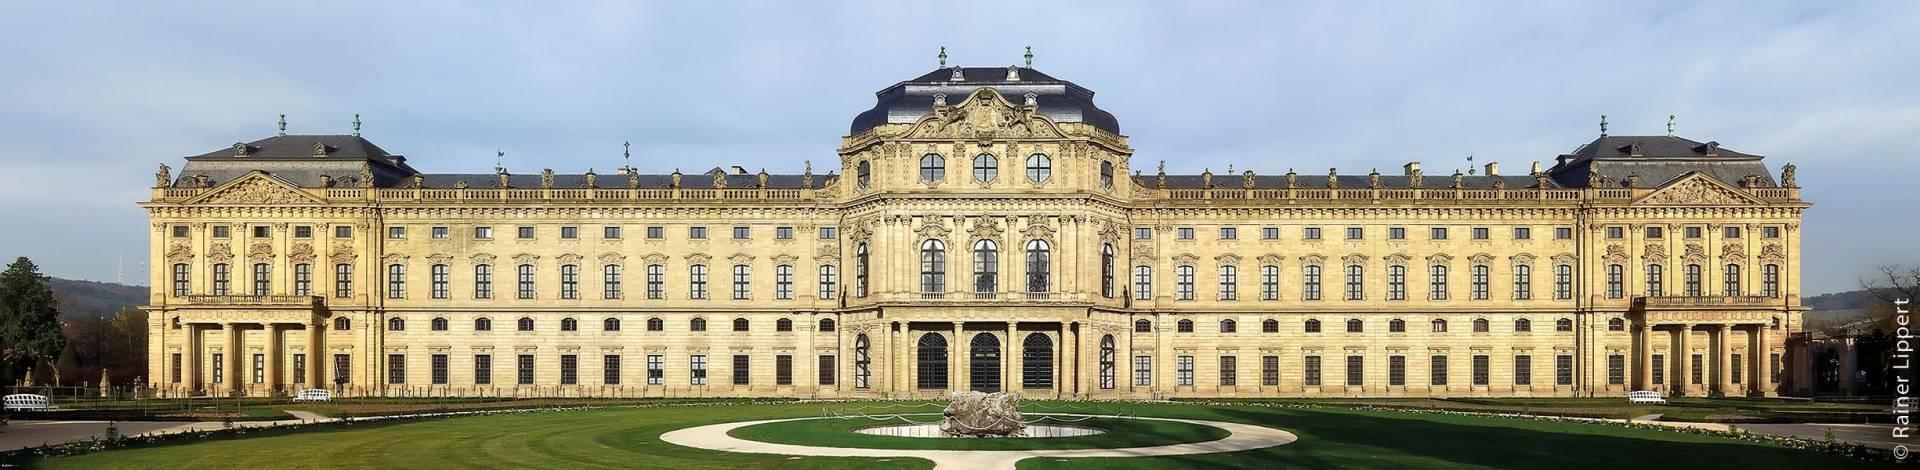 Blick vom Hofgarten aus auf die 168 Meter lange Gartenfront der Würzburger Residenz, die unter den Würzburger Fürstbischöfen von 1719 bis 1780 erbaut wurde. Sie gilt als der bedeutendste Residenzbau des Spätbarocks in Europa und wurde 1981 von der UNESCO zum Weltkulturerbe erklärt.